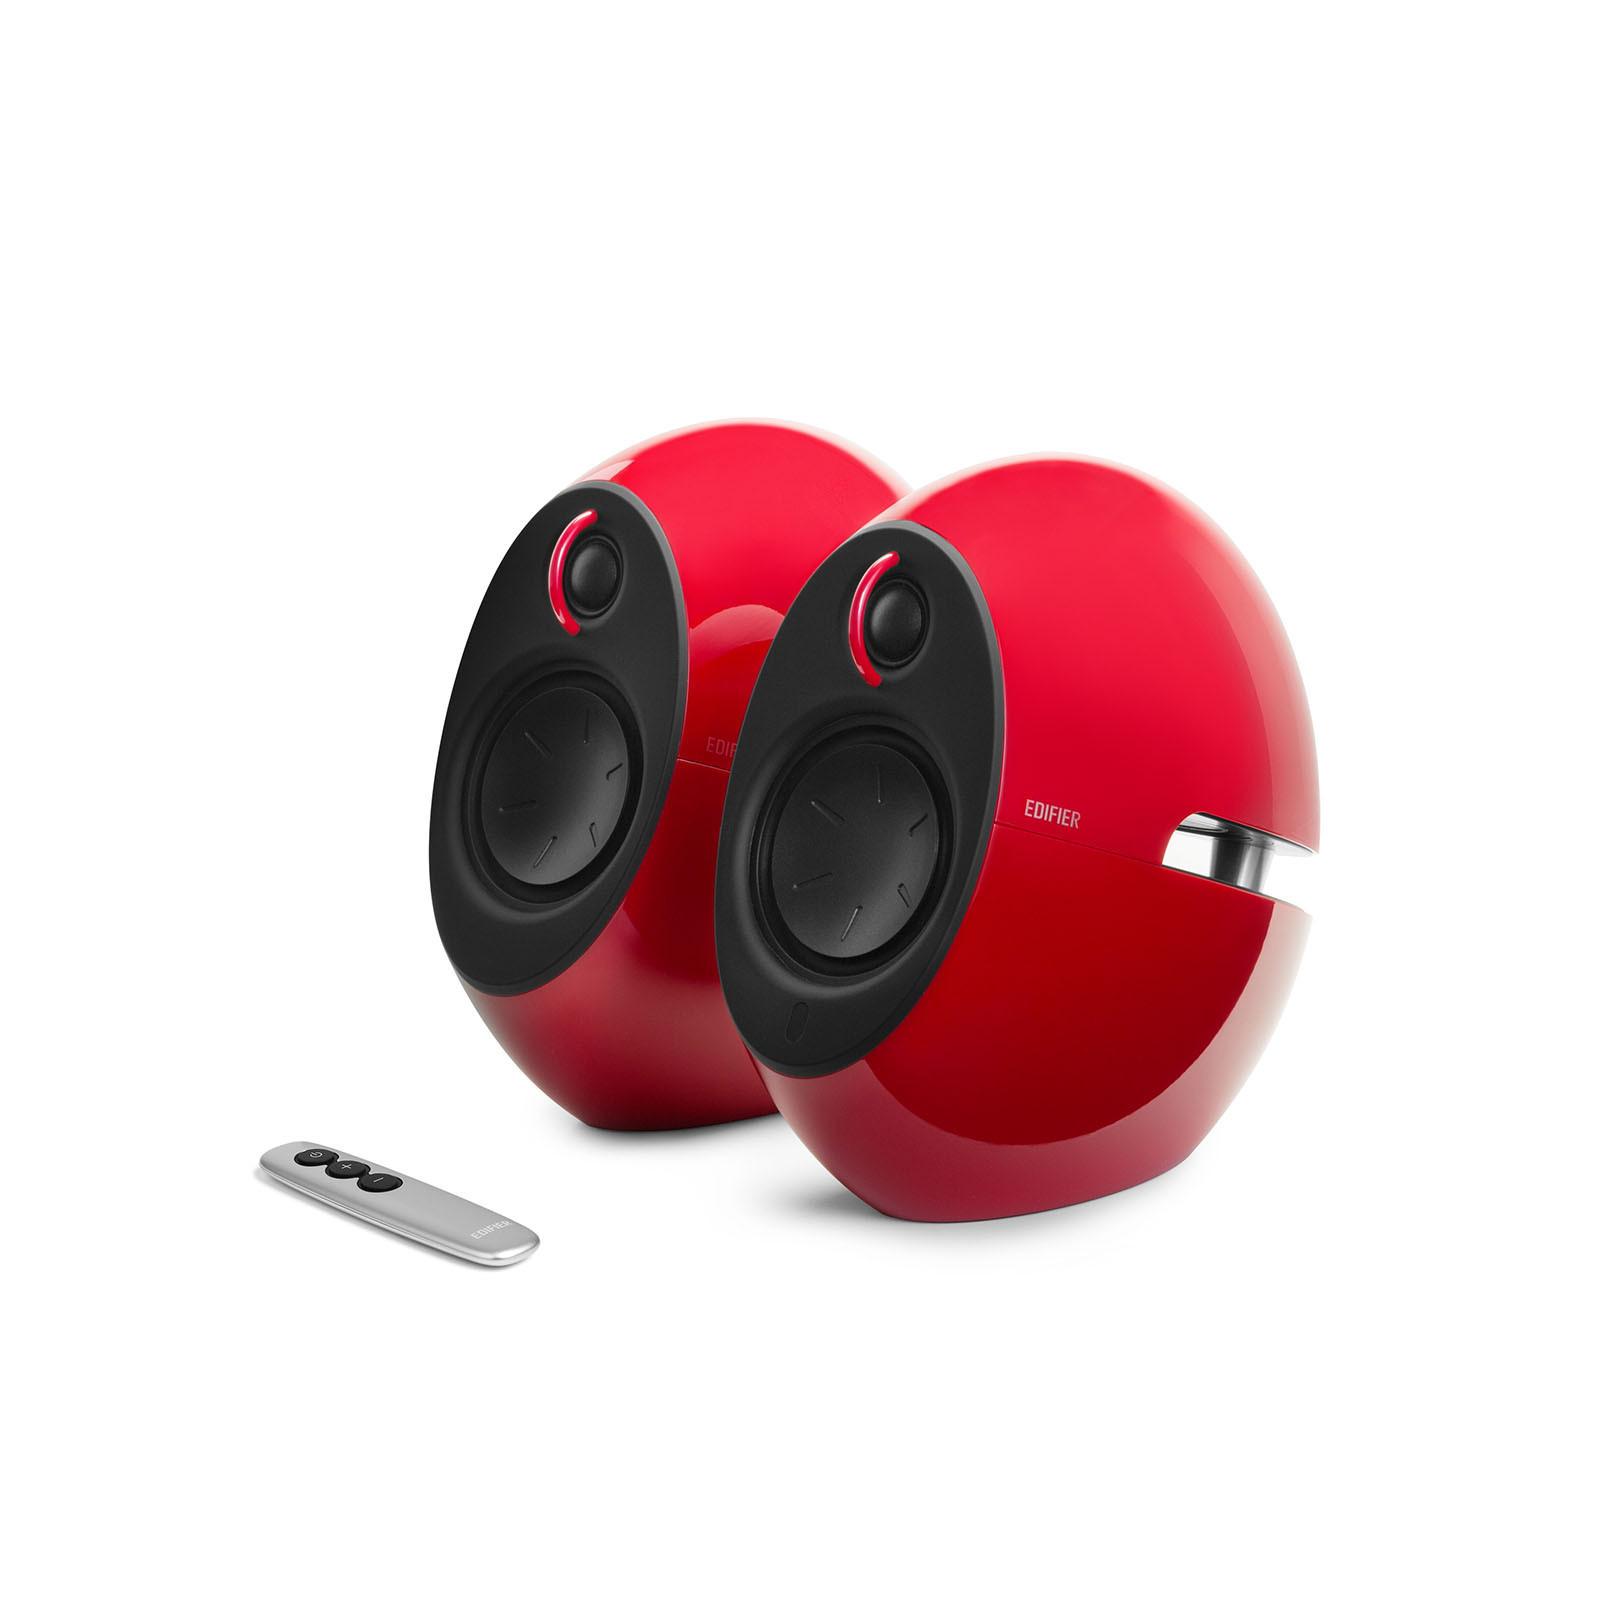 E25 Luna Bluetooth Wireless Speakers Edifier International